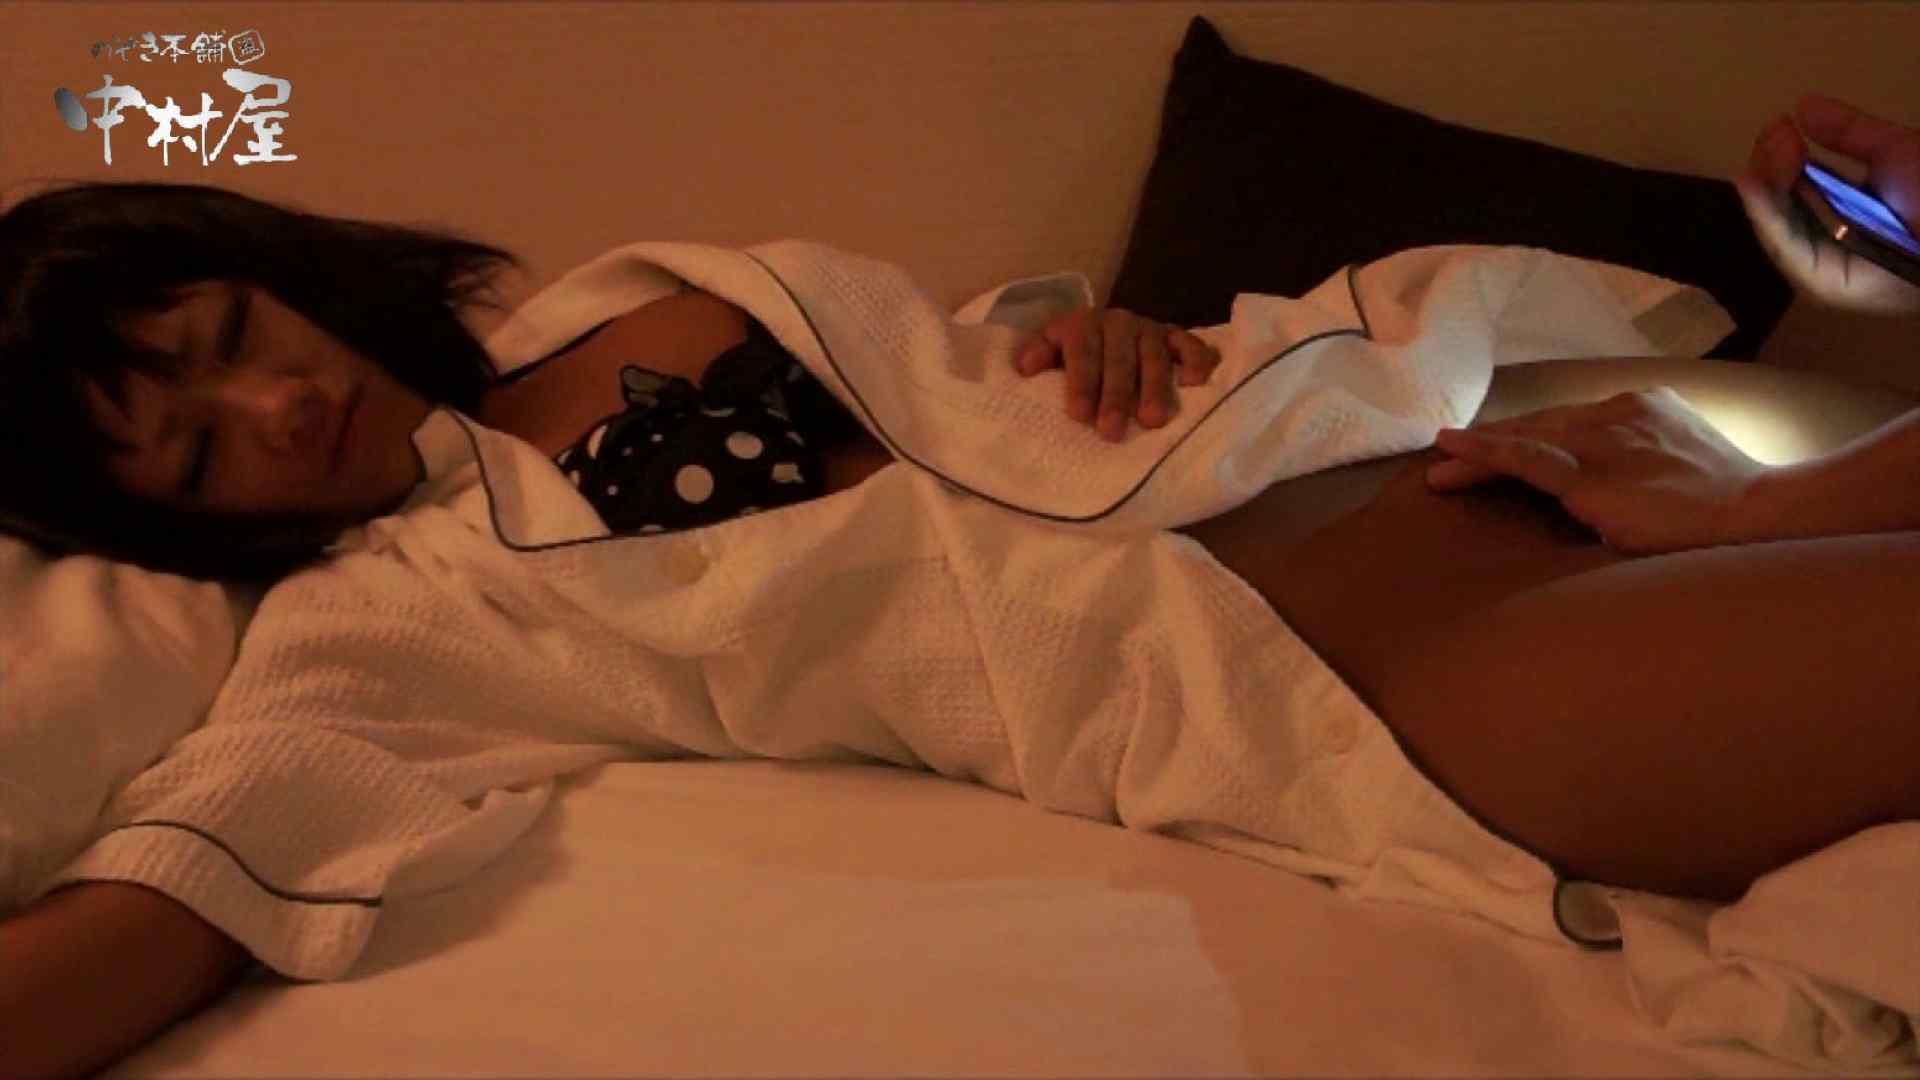 欲望 リアルドール Case.09 Mちゃん19歳 巨乳ギャル エロい女子大生 | エロいギャル  9枚 9